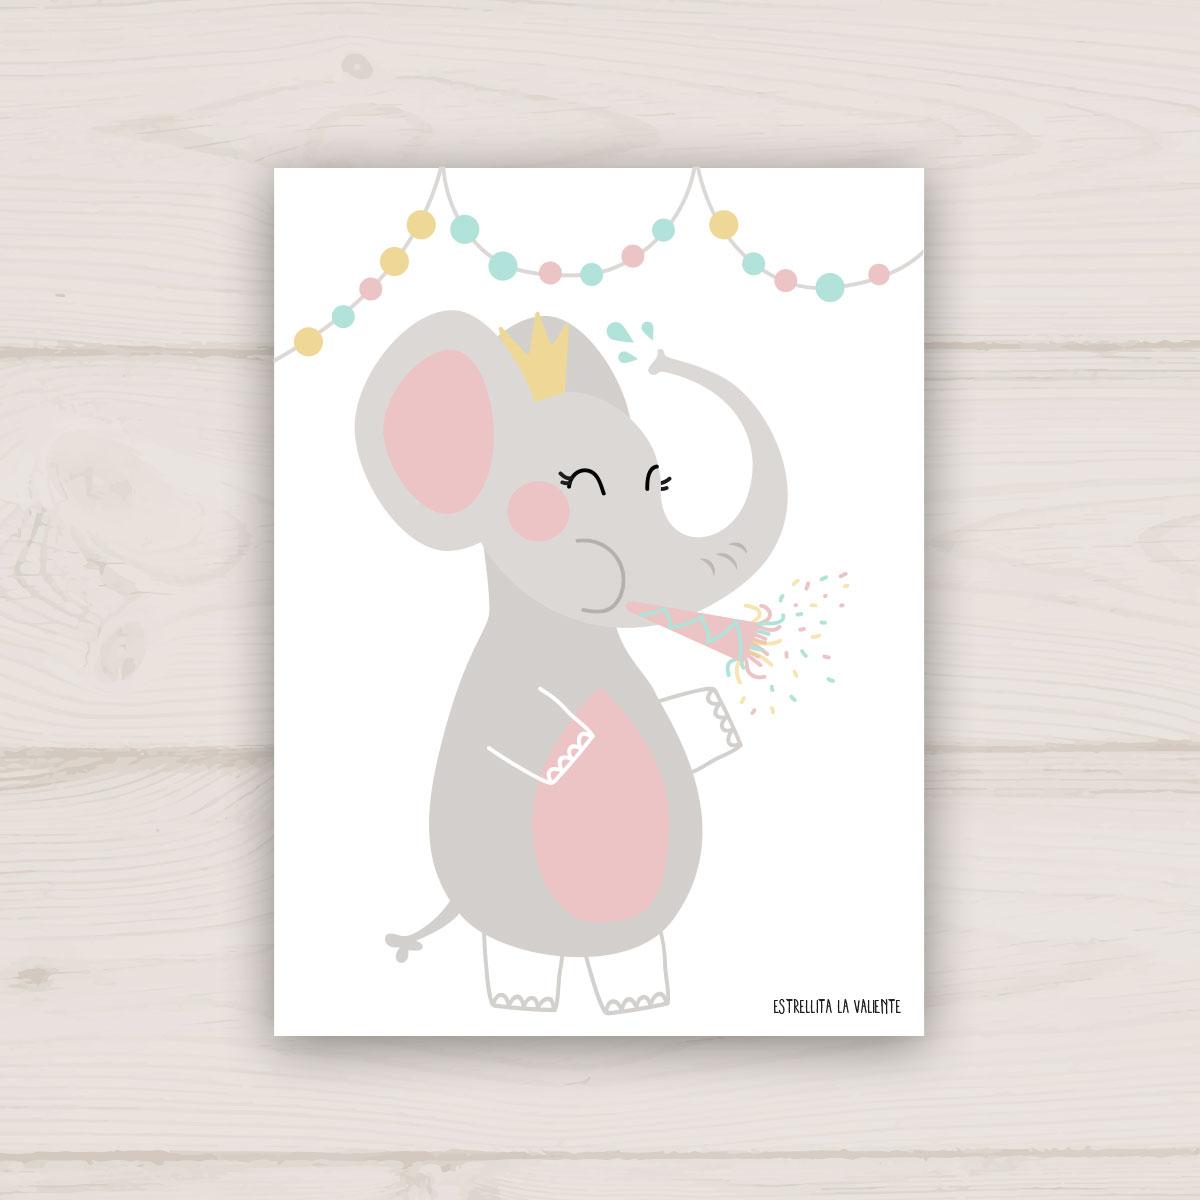 Lamina fiesta elefante estrellita la valiente - Estrellita la valiente ...